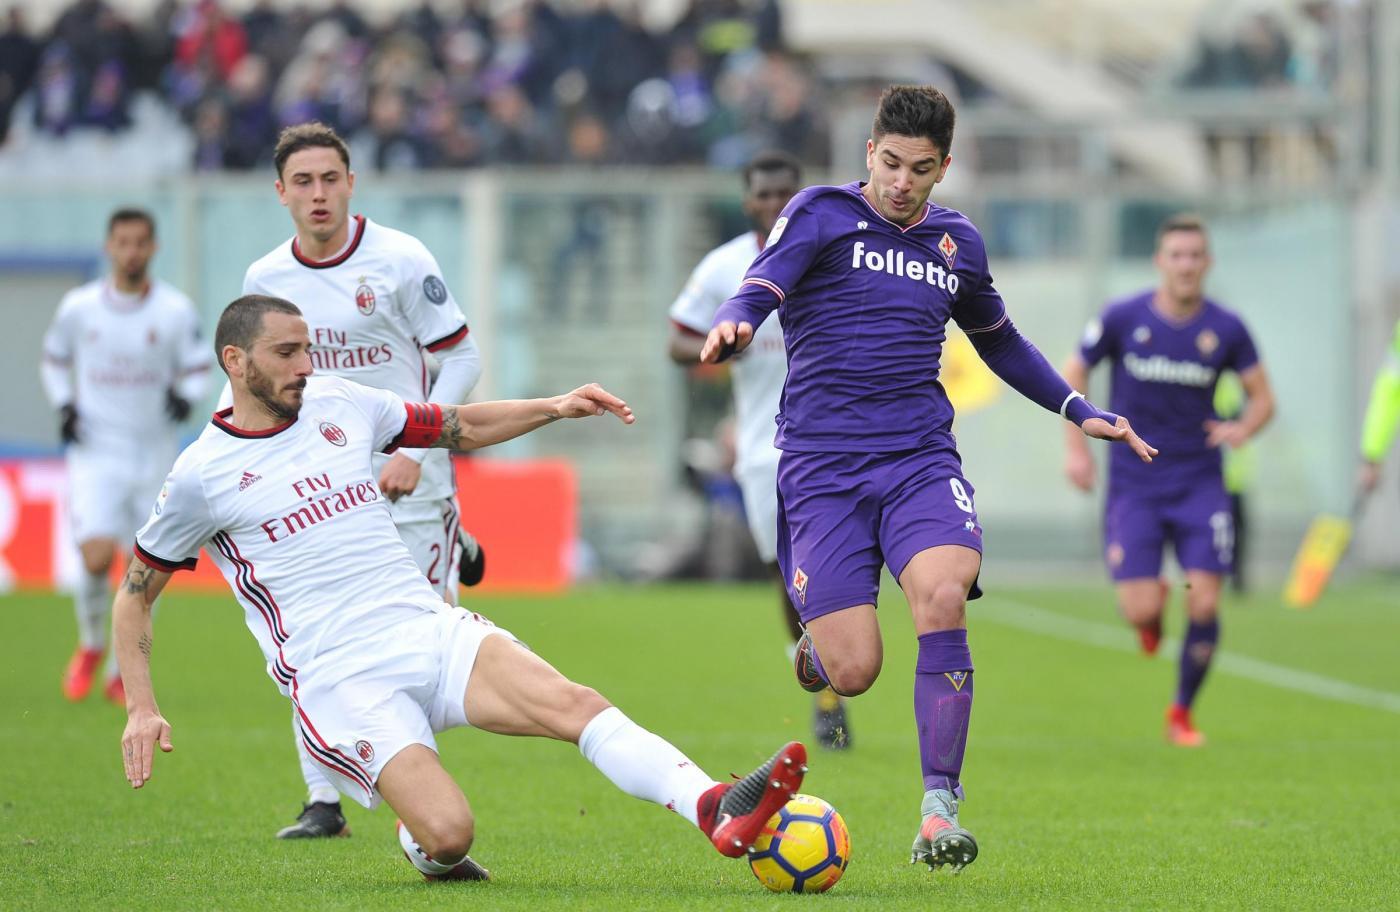 Anticipo: La Fiorentina gioca, la Juve vince!